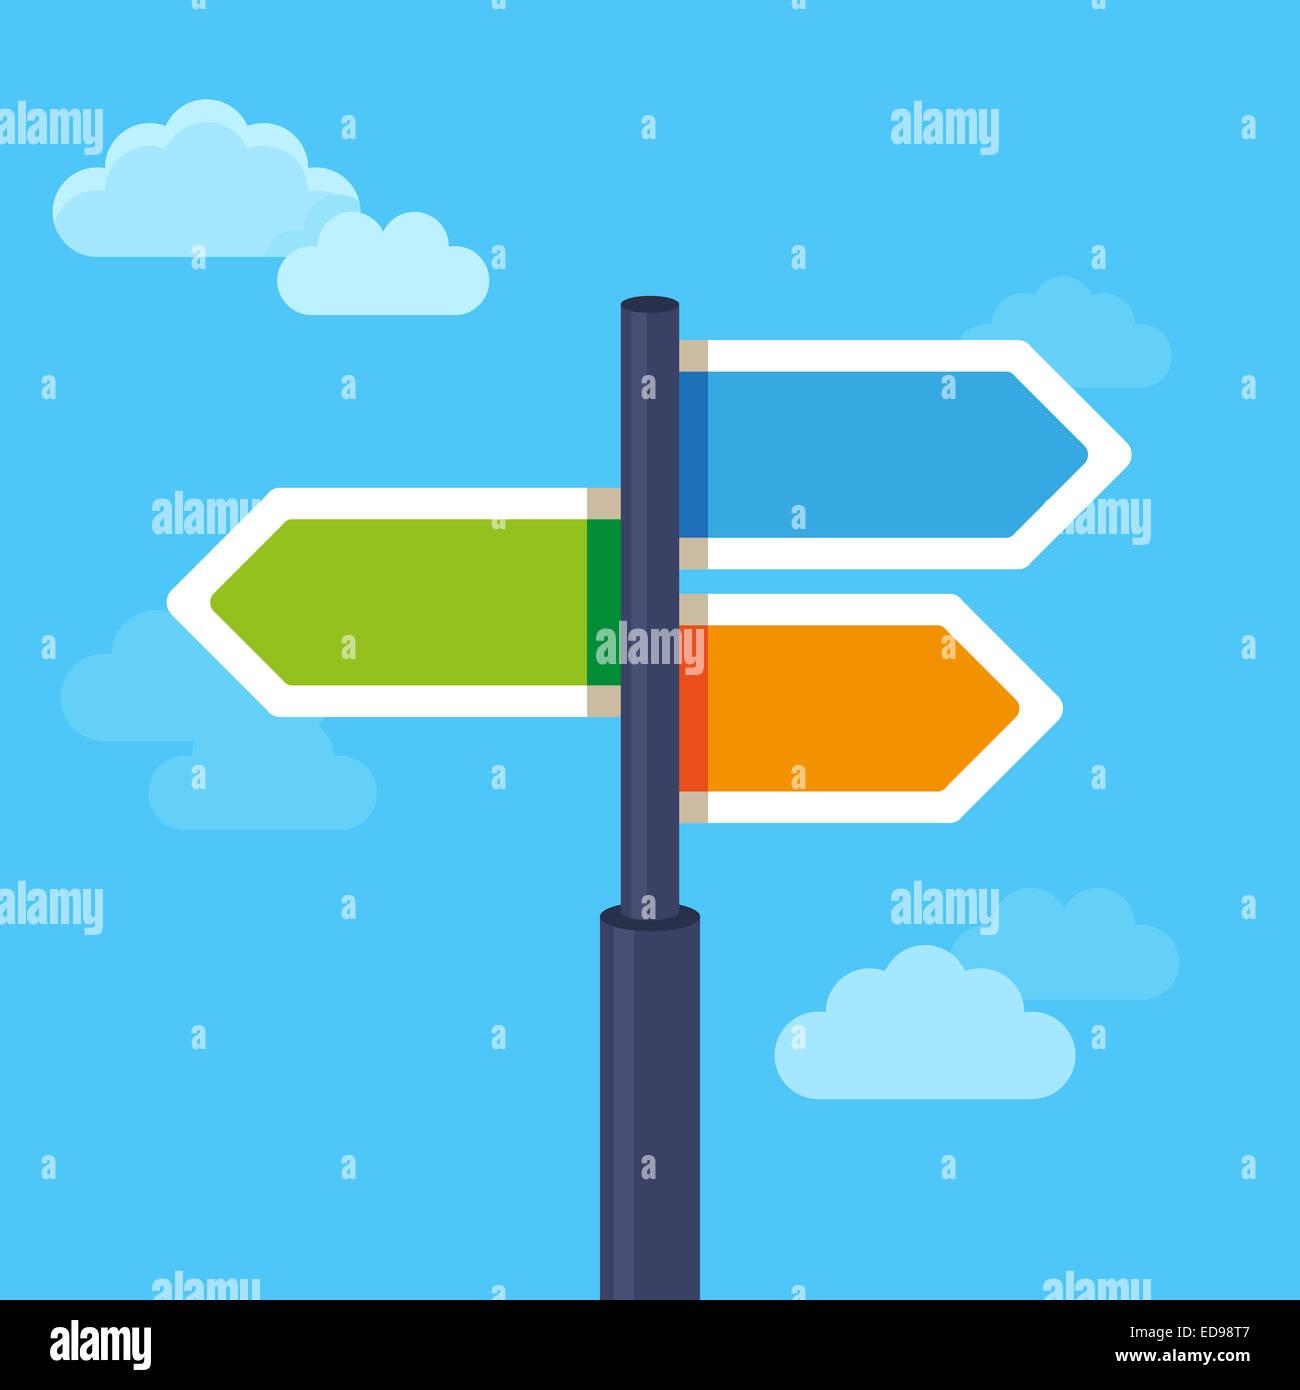 Vector abstracto concepto de estrategia en estilo plano - señales de carretera con diferentes flechas Imagen De Stock